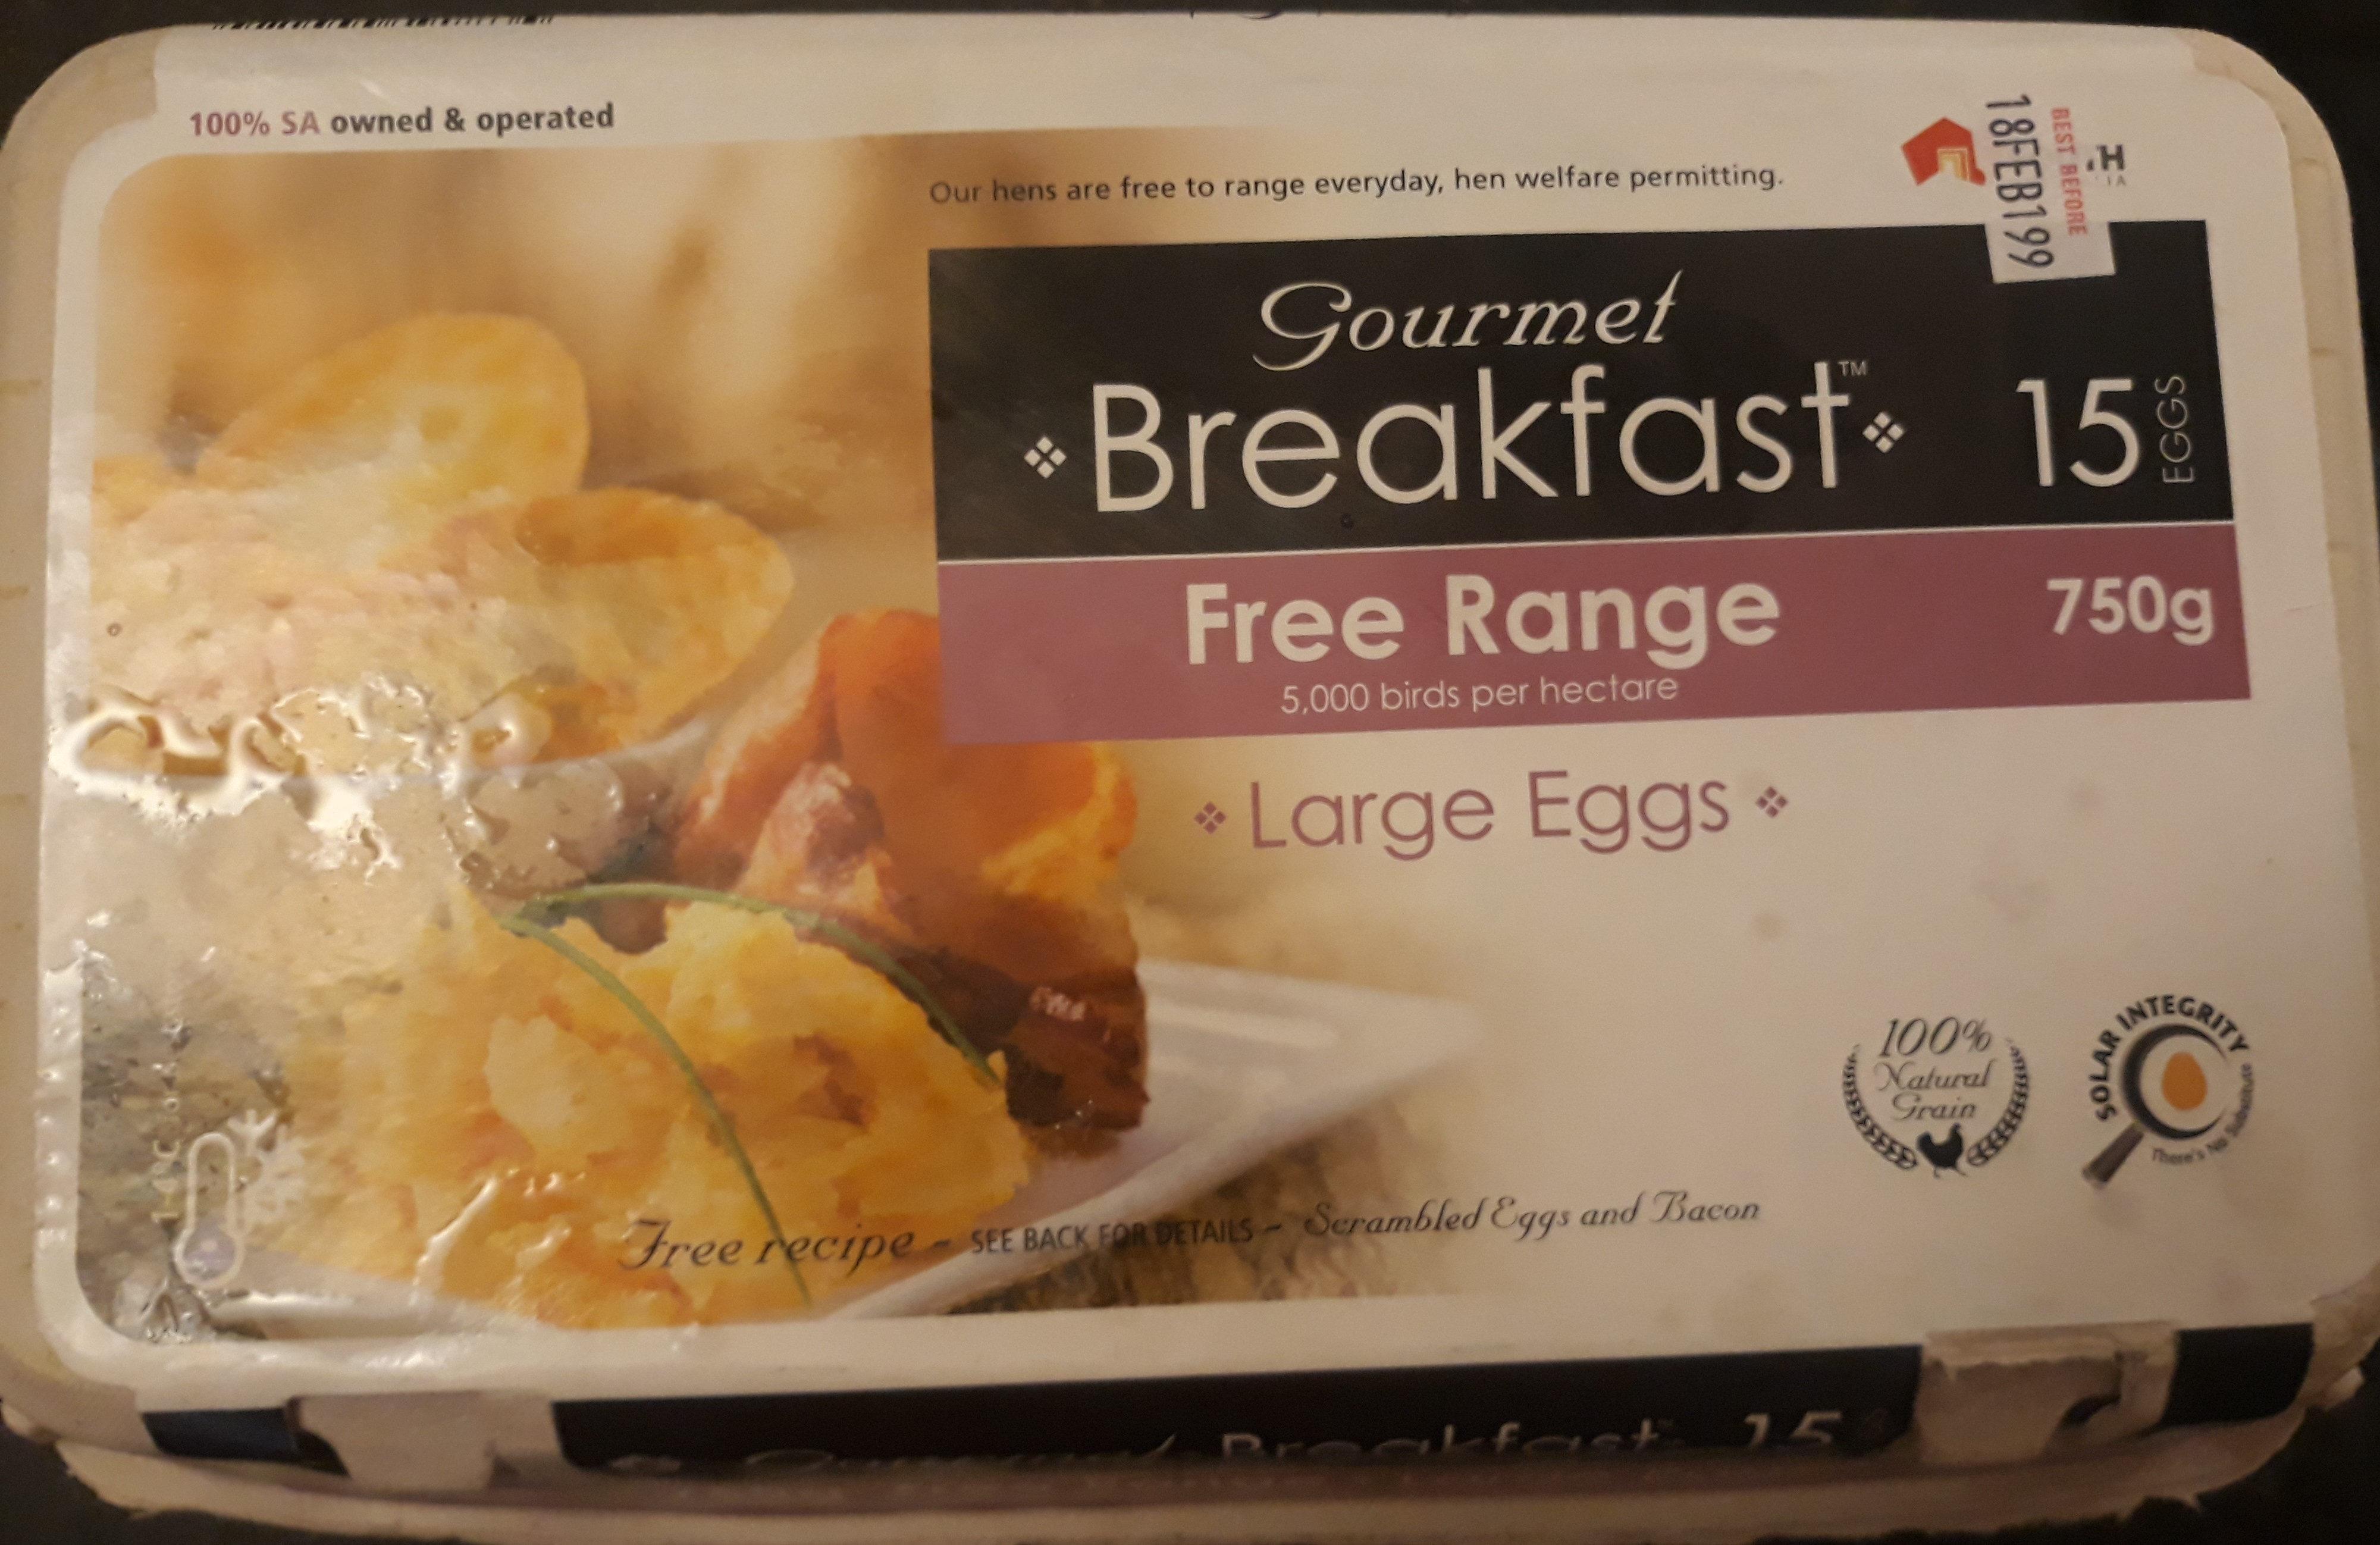 Gourmet Breakfast Free Range Large Eggs - Product - en